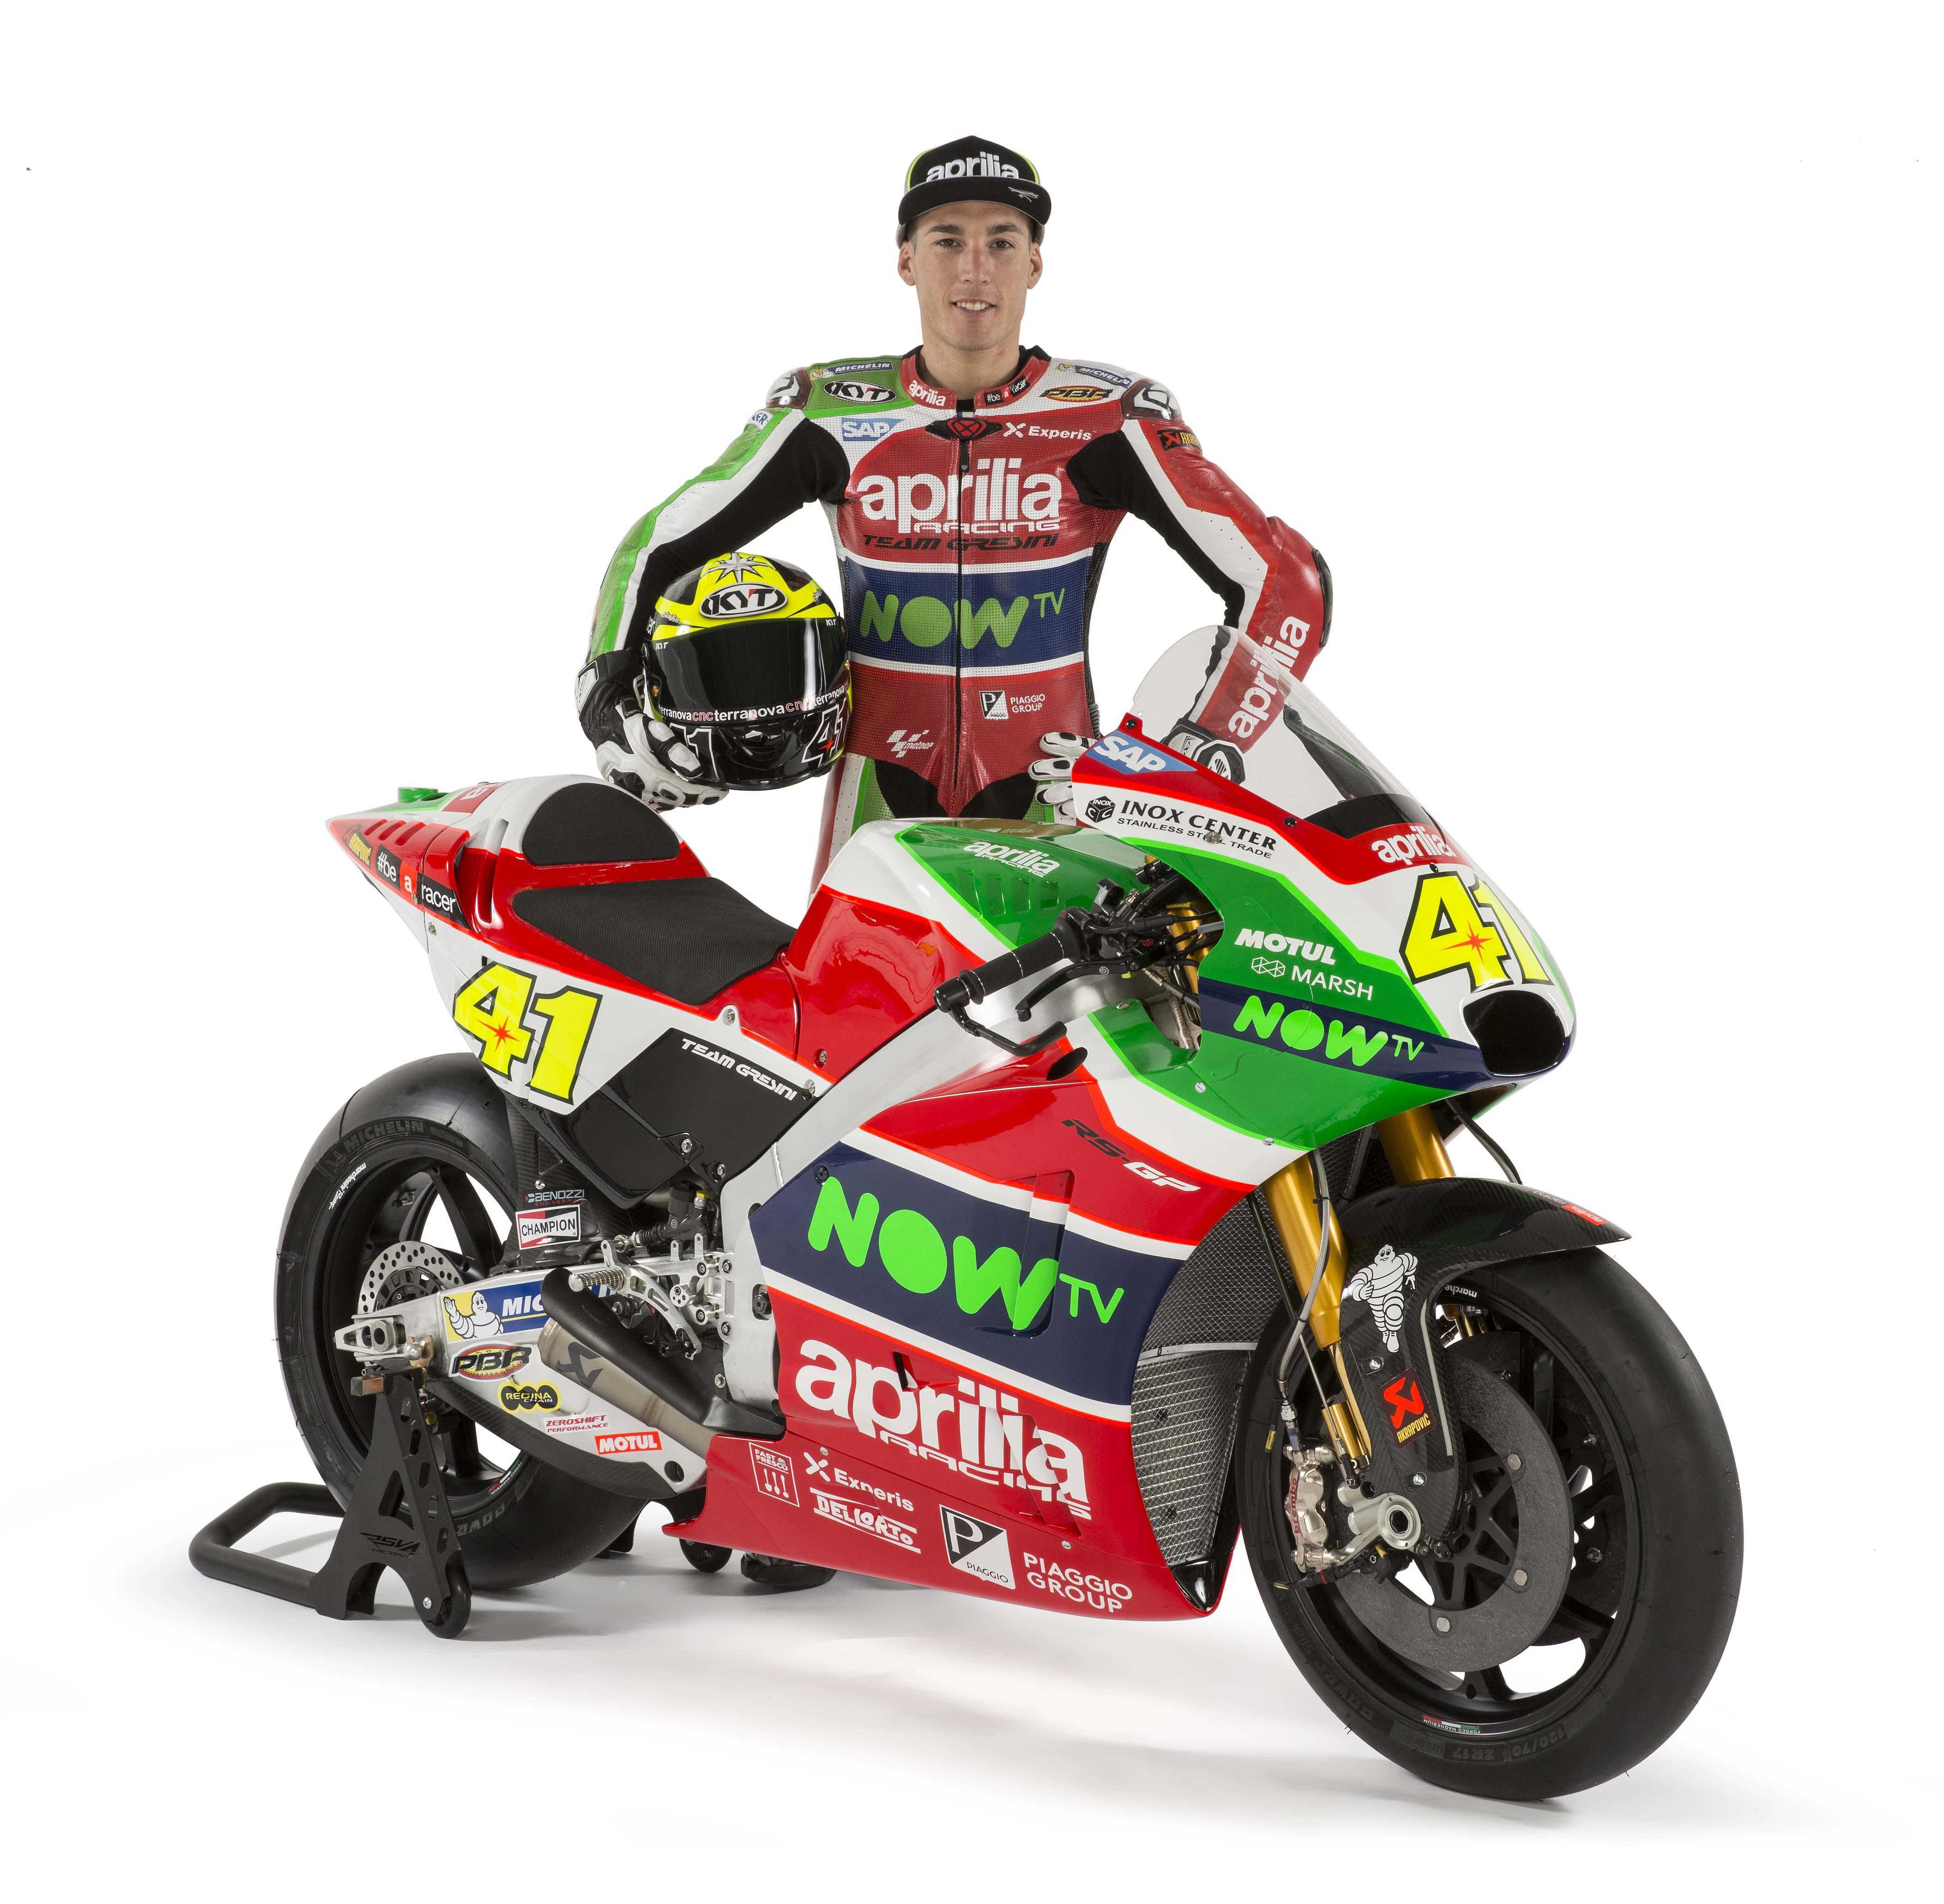 2016 Aprilia RS-GP Gets All Dressed Up for MotoGP